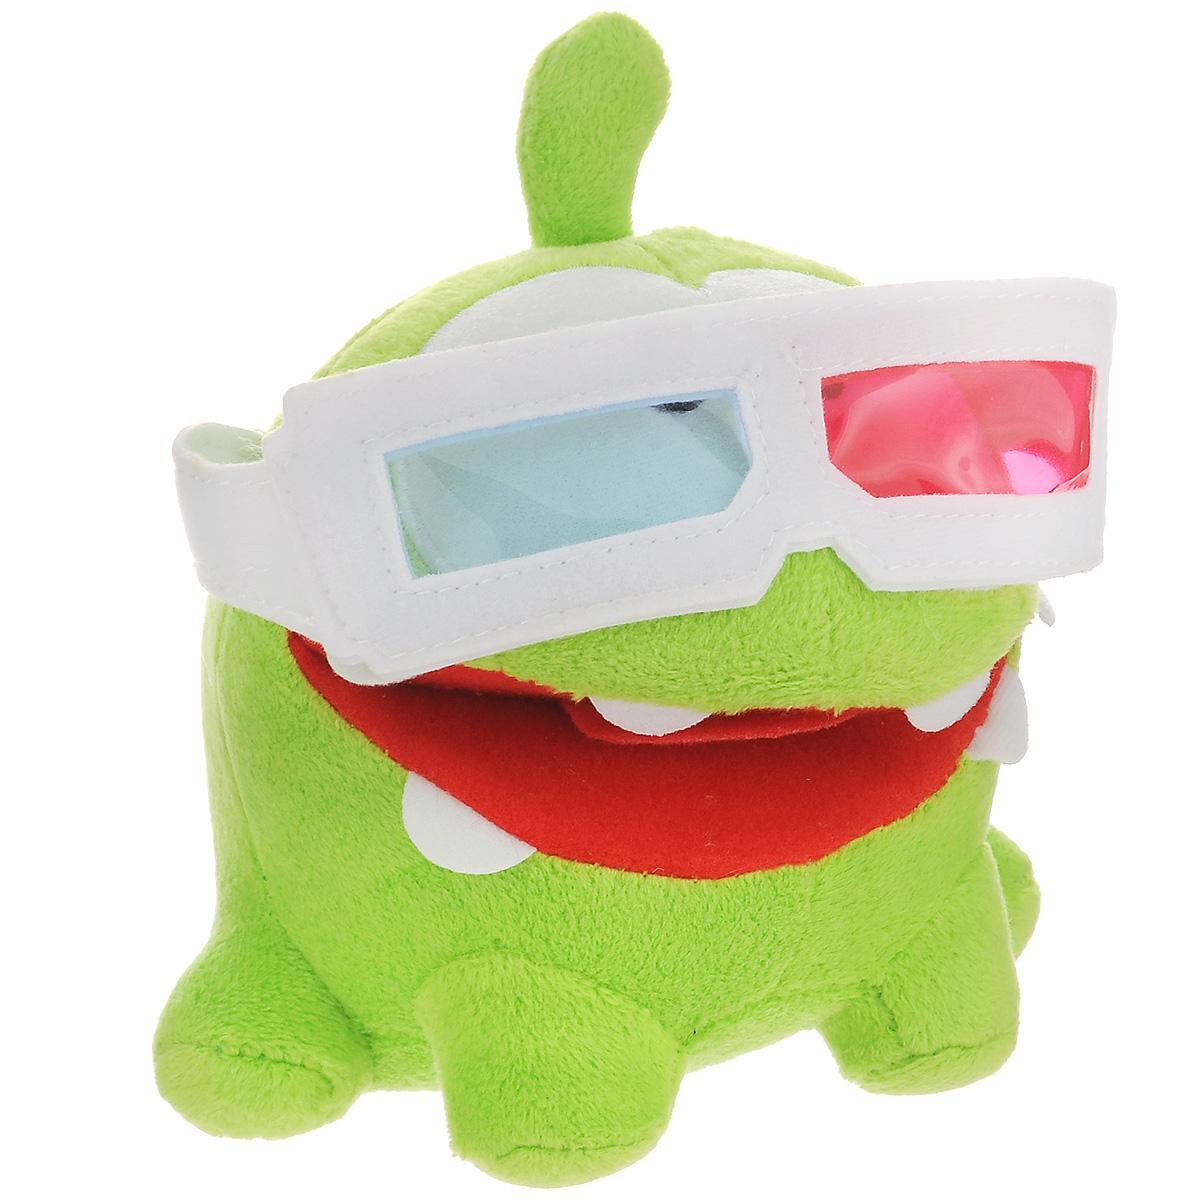 Мягкая озвученная игрушка Cut the Rope Ом Ном в 3D очках, 12 смТ57110Мягкая озвученная игрушка Cut the Rope Ом Ном в 3D очках выполнена в виде маленького зеленого монстрика Ом Нома - персонажа популярной флэш-игры Cut the Rope. Нам нем красуются 3D очки.. Милый, привлекательный и очень забавный, он просто не может жить без различного рода сладостей и конфет! При нажатии на голову игрушки воспроизводятся веселые звуки, издаваемые персонажем в игре. Скачайте бесплатное приложение из AppStore или Android Market, сосканируйте QR-код с интерактивной бирки на игрушке и накормите виртуального Ом Нома. Этот забавный монстрик обязательно понравится любому поклоннику знаменитой флэш-игры. Рекомендуется докупить 2 батарейки напряжением 1,5V типа LR44/AG13 (товар комплектуется демонстрационными).